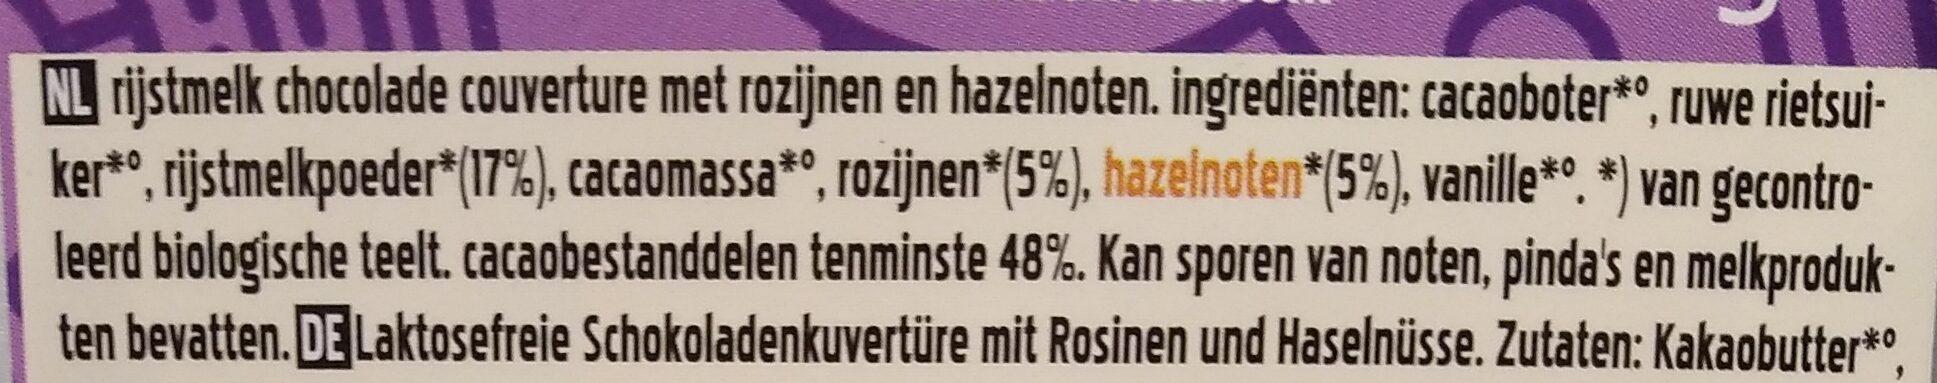 Rice milk raisins hazelnuts - Ingrediënten - nl